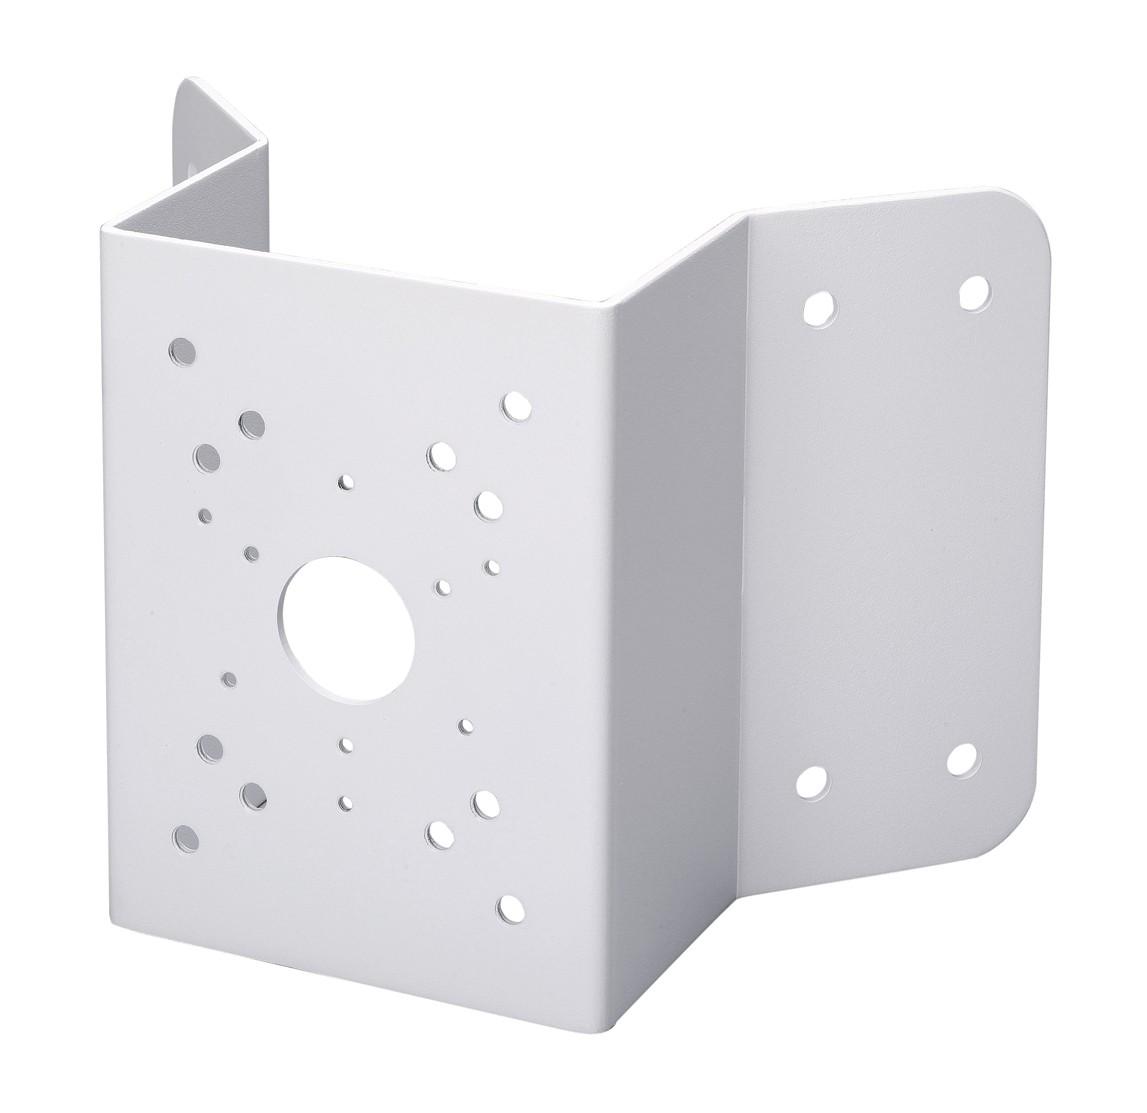 TURM Eckhalterung für Überwachungskameras an Außenfassaden, Belastbarkeit bis 10 kg